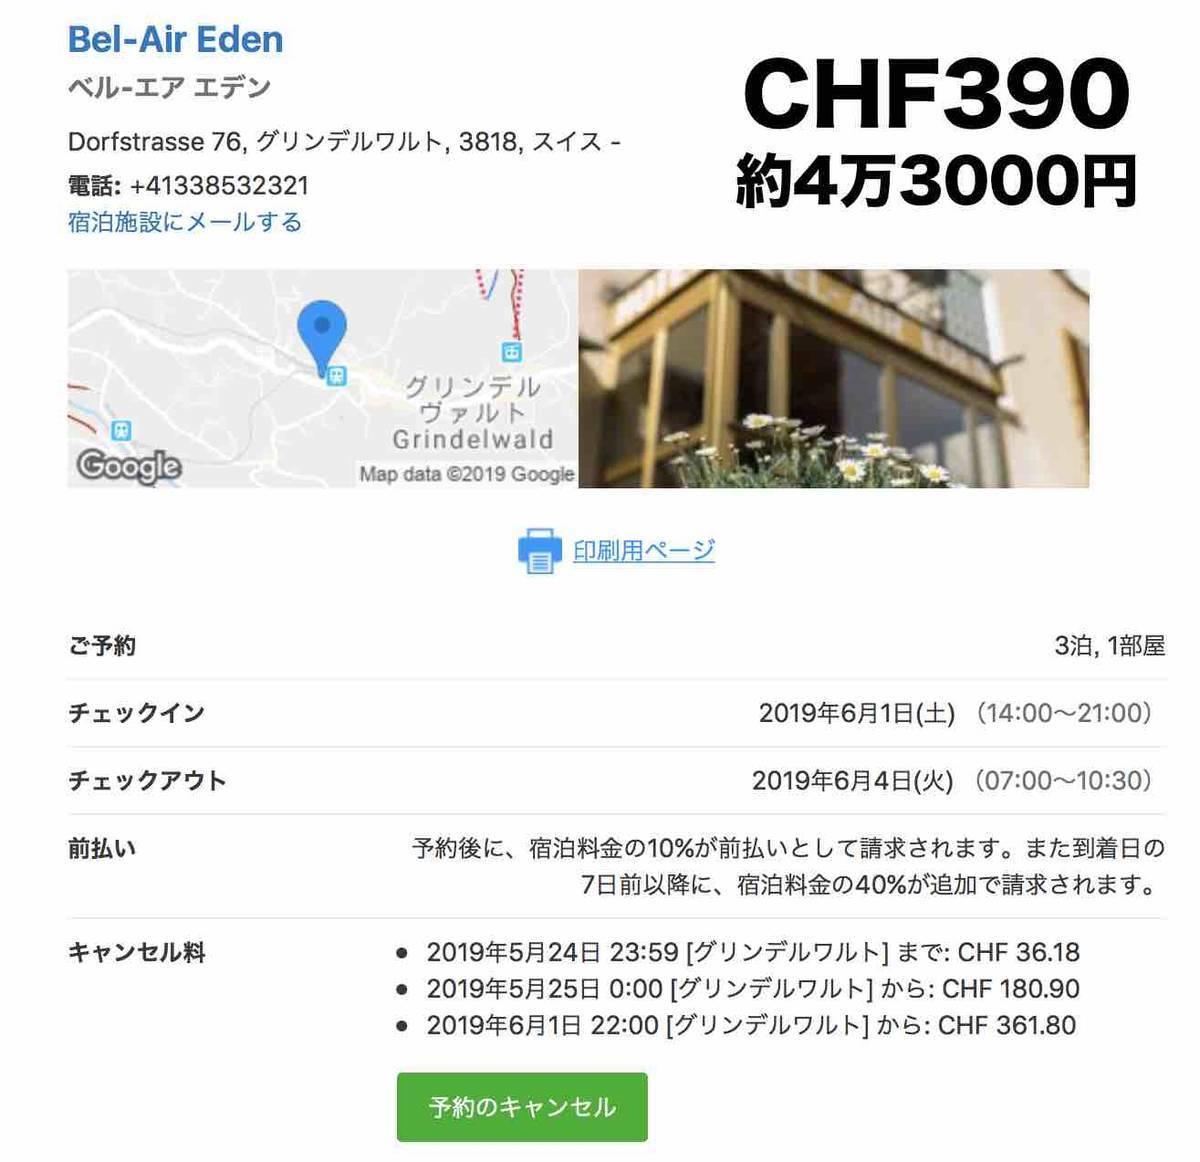 f:id:kaedetaniyoshi:20190421033656j:plain